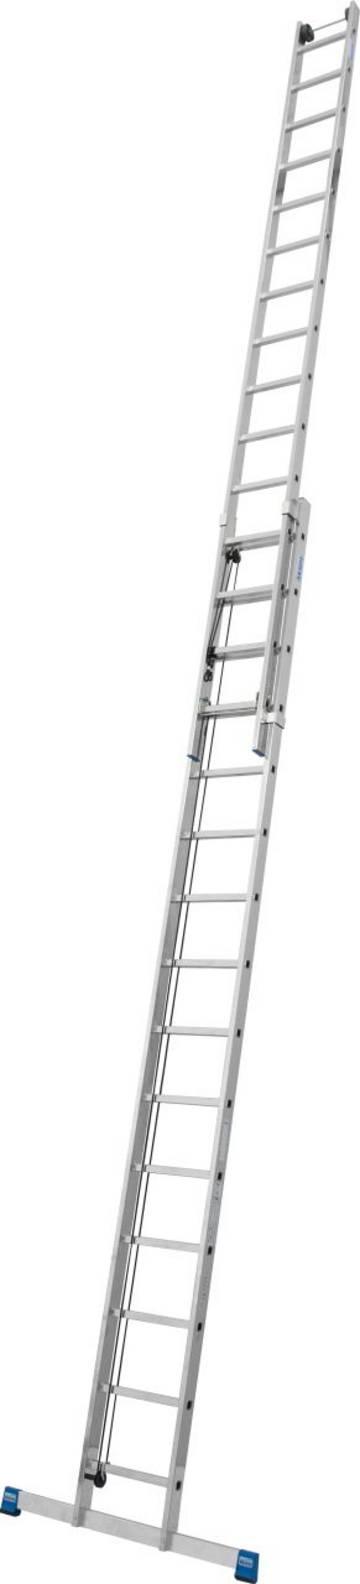 Zweiteilige Sprossen-Seilzugleiter für den professionellen Einsatz in großen Arbeitshöhen bis 13,10 m mit Wandlaufrollen zum komfortablen Ausfahren der Leiter.